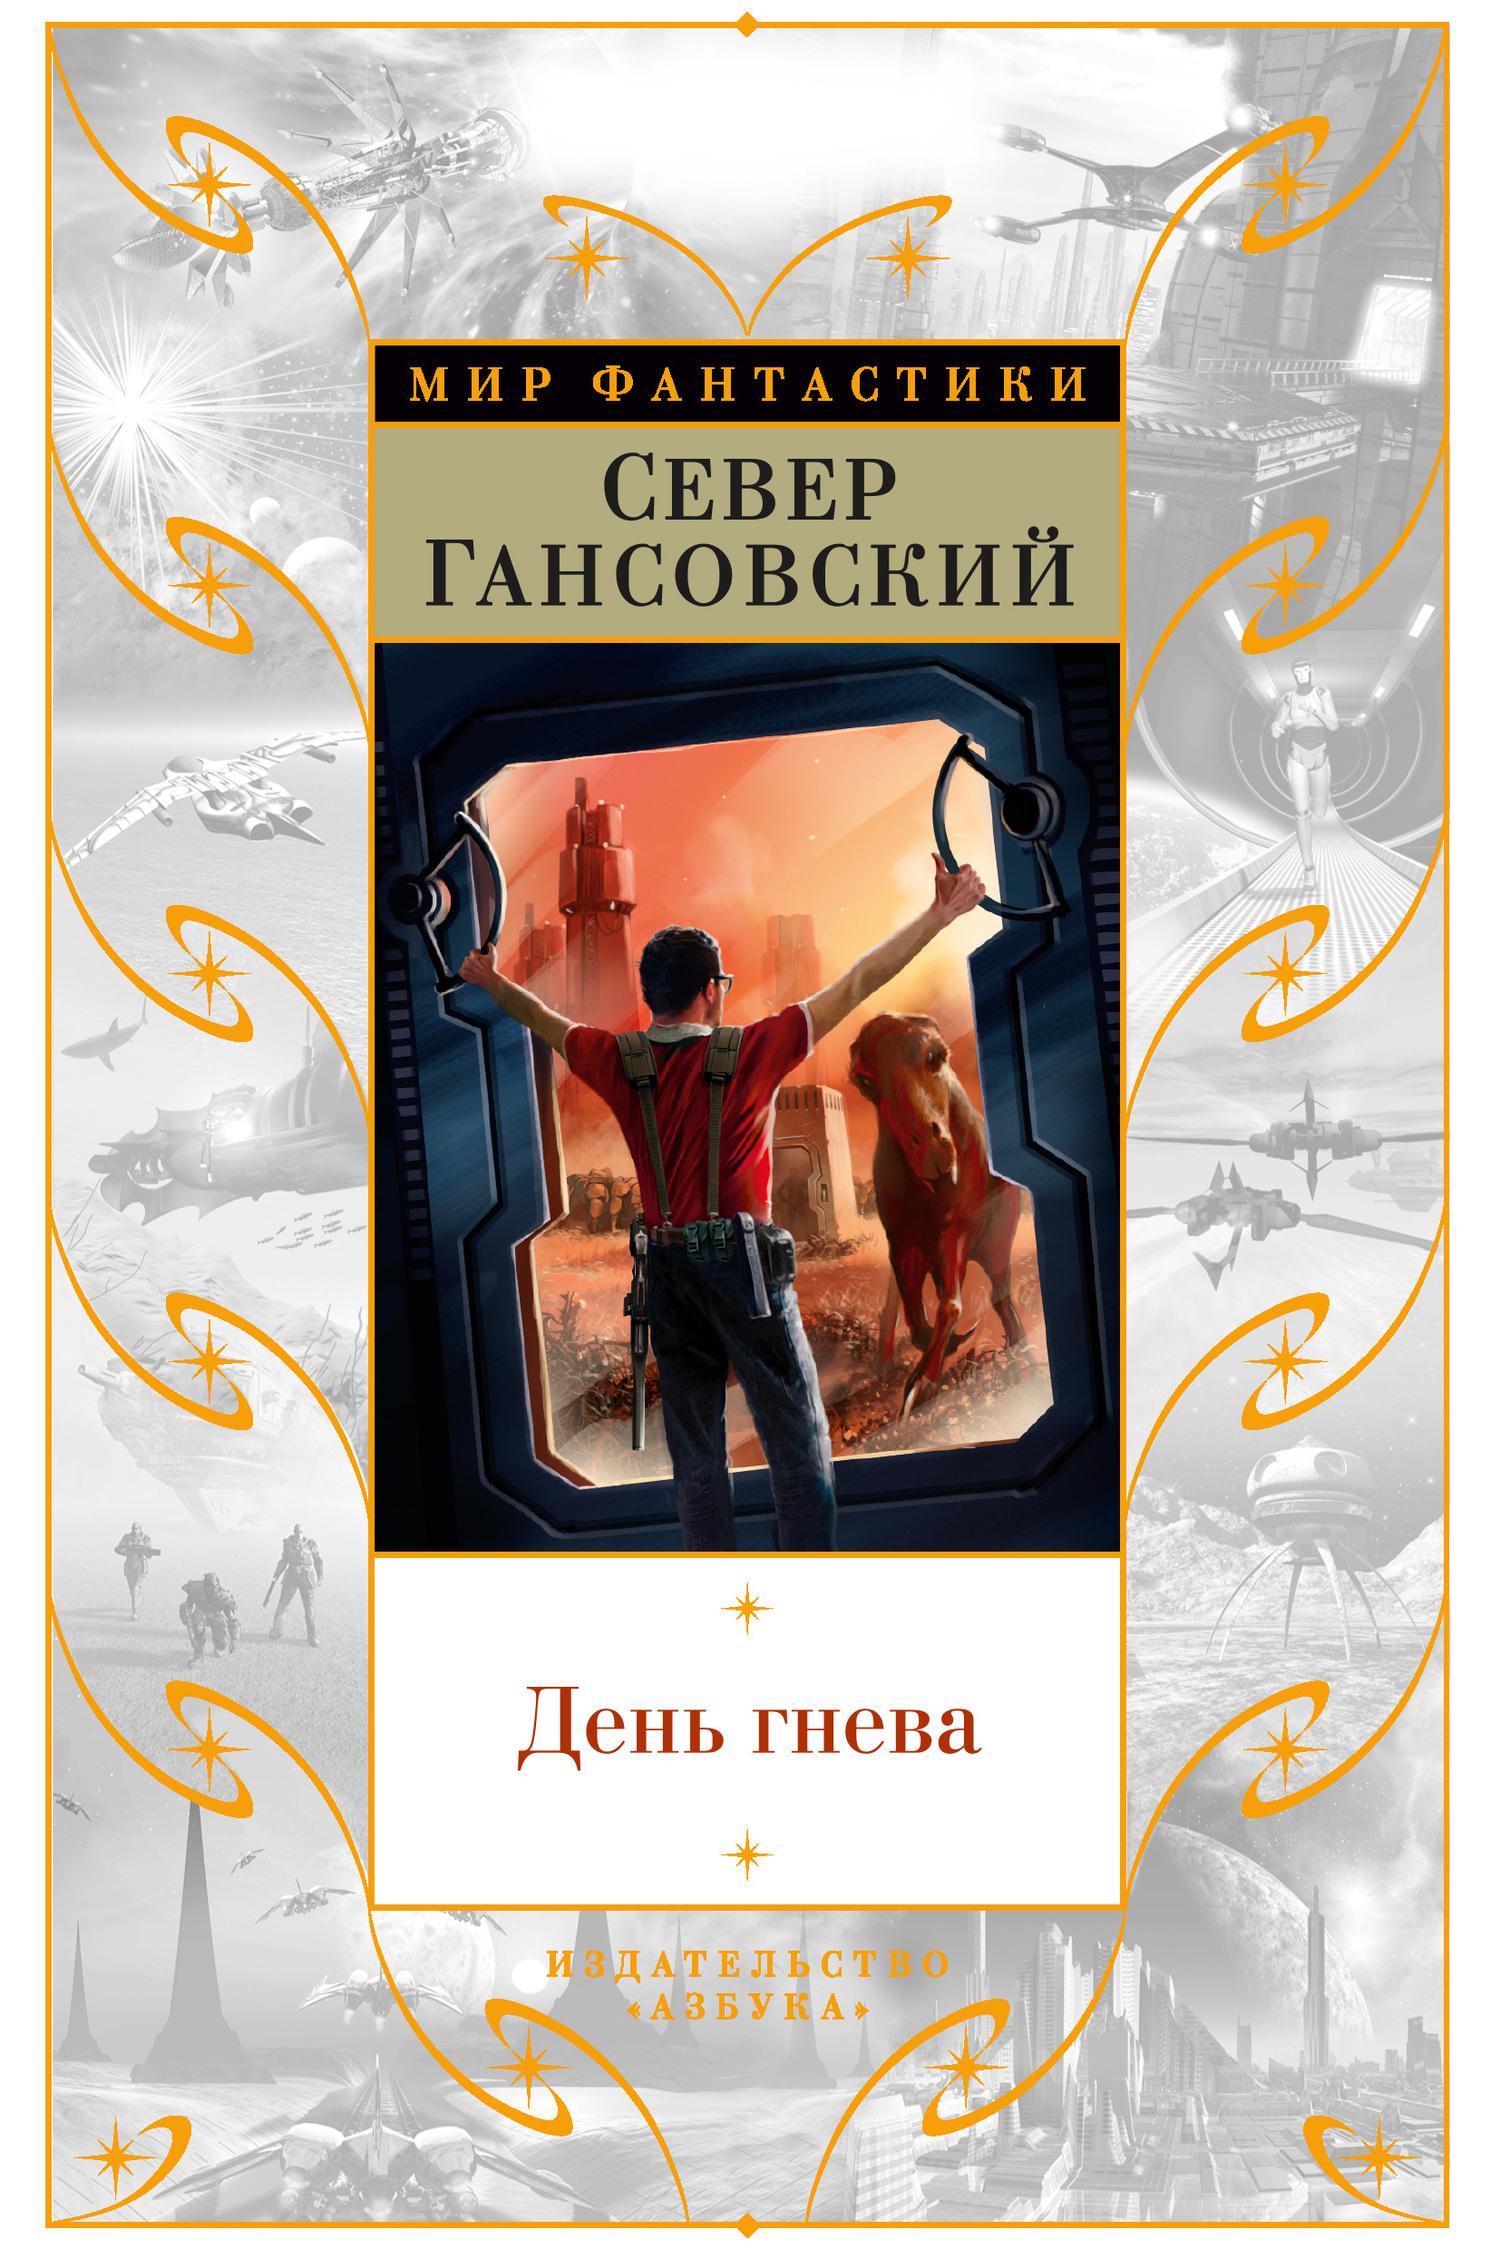 Север Гансовский. День гнева (сборник)